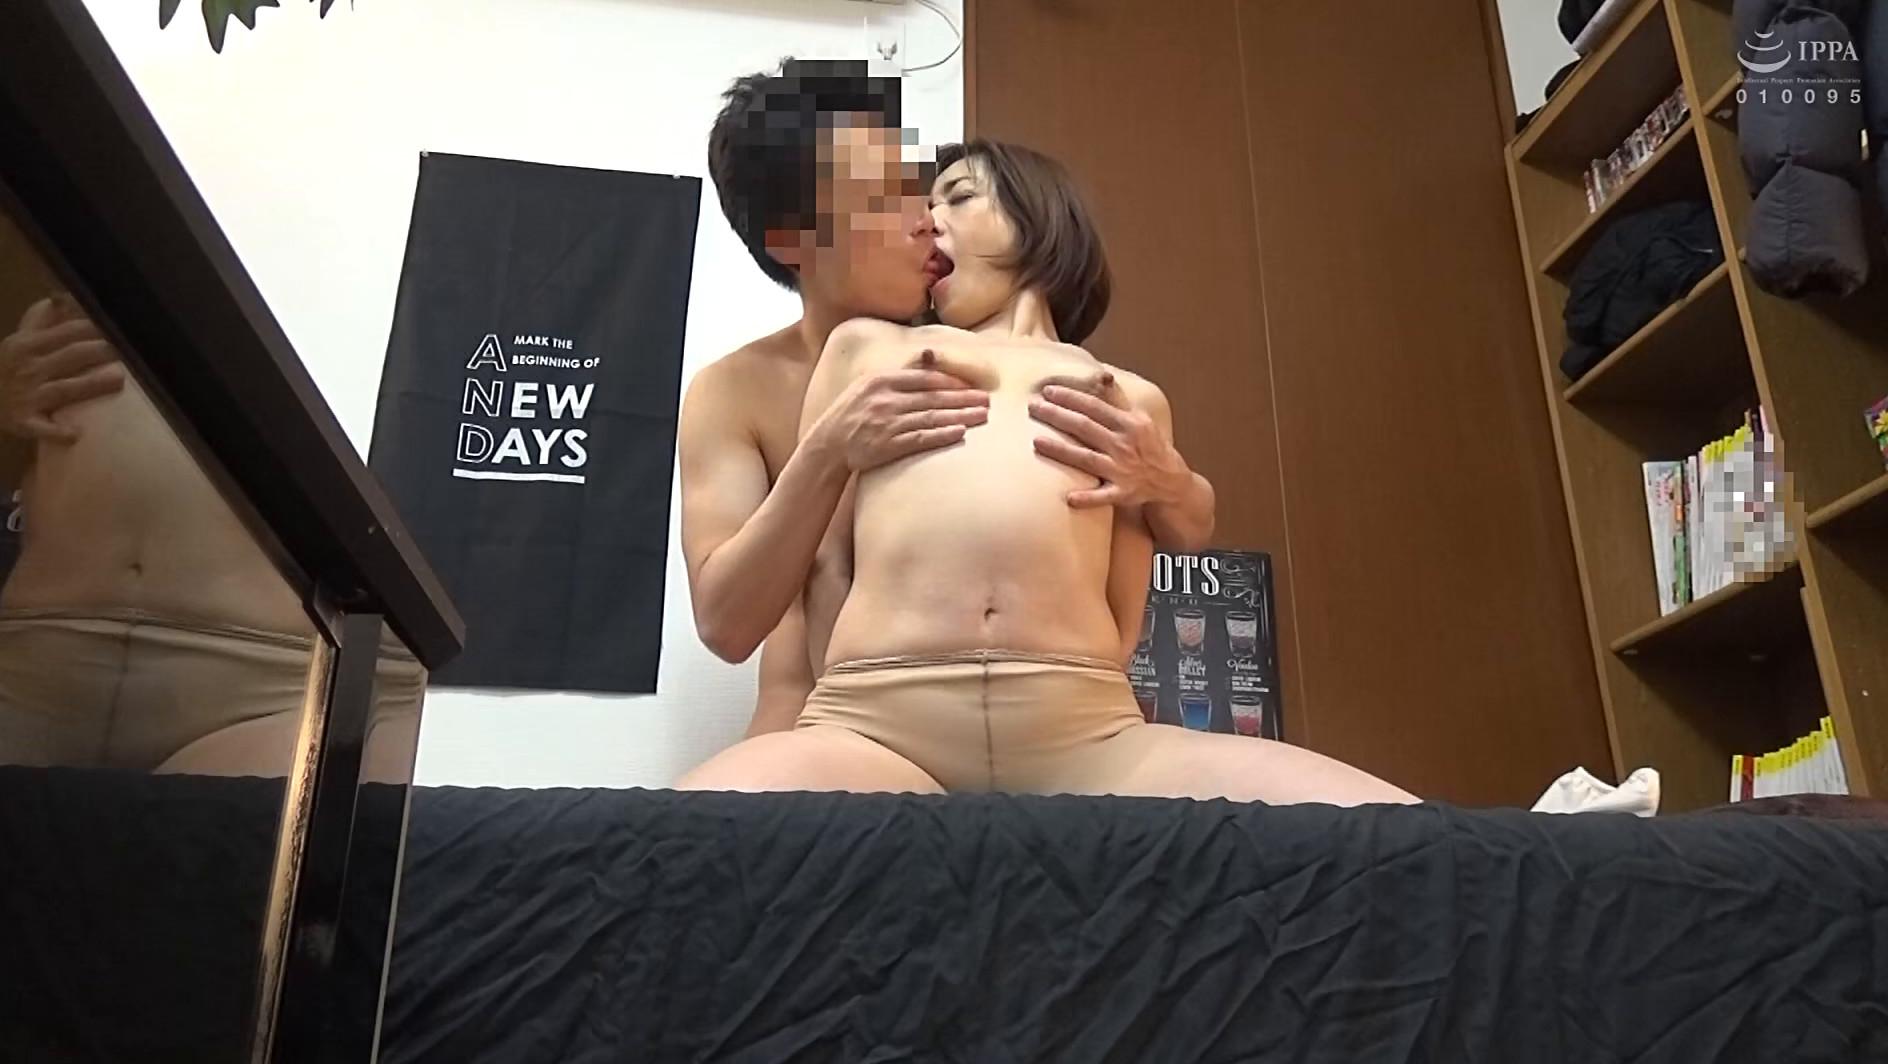 本気になるおばさん。久しぶりの本気SEXに溺れた嶋崎かすみさん(48歳)の場合 画像9